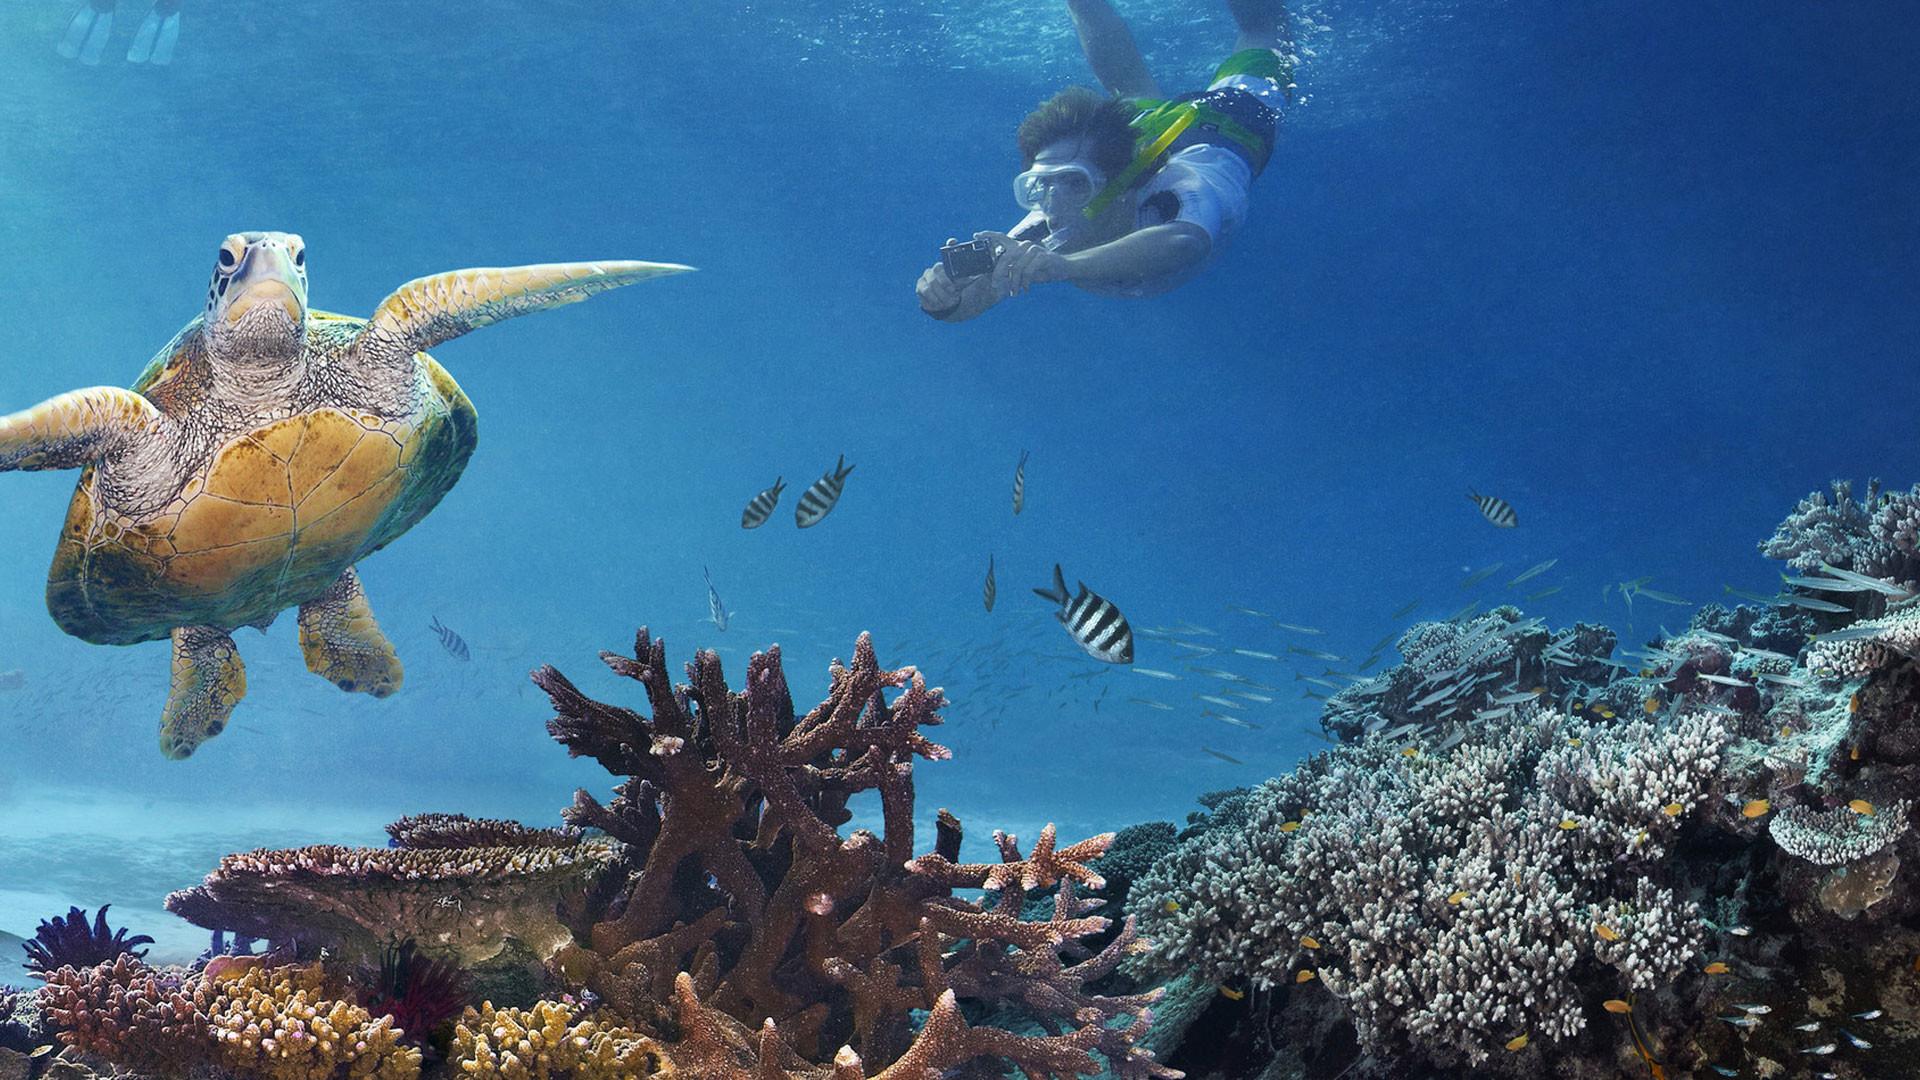 Coral reef live wallpaper 59 images - Great barrier reef desktop background ...